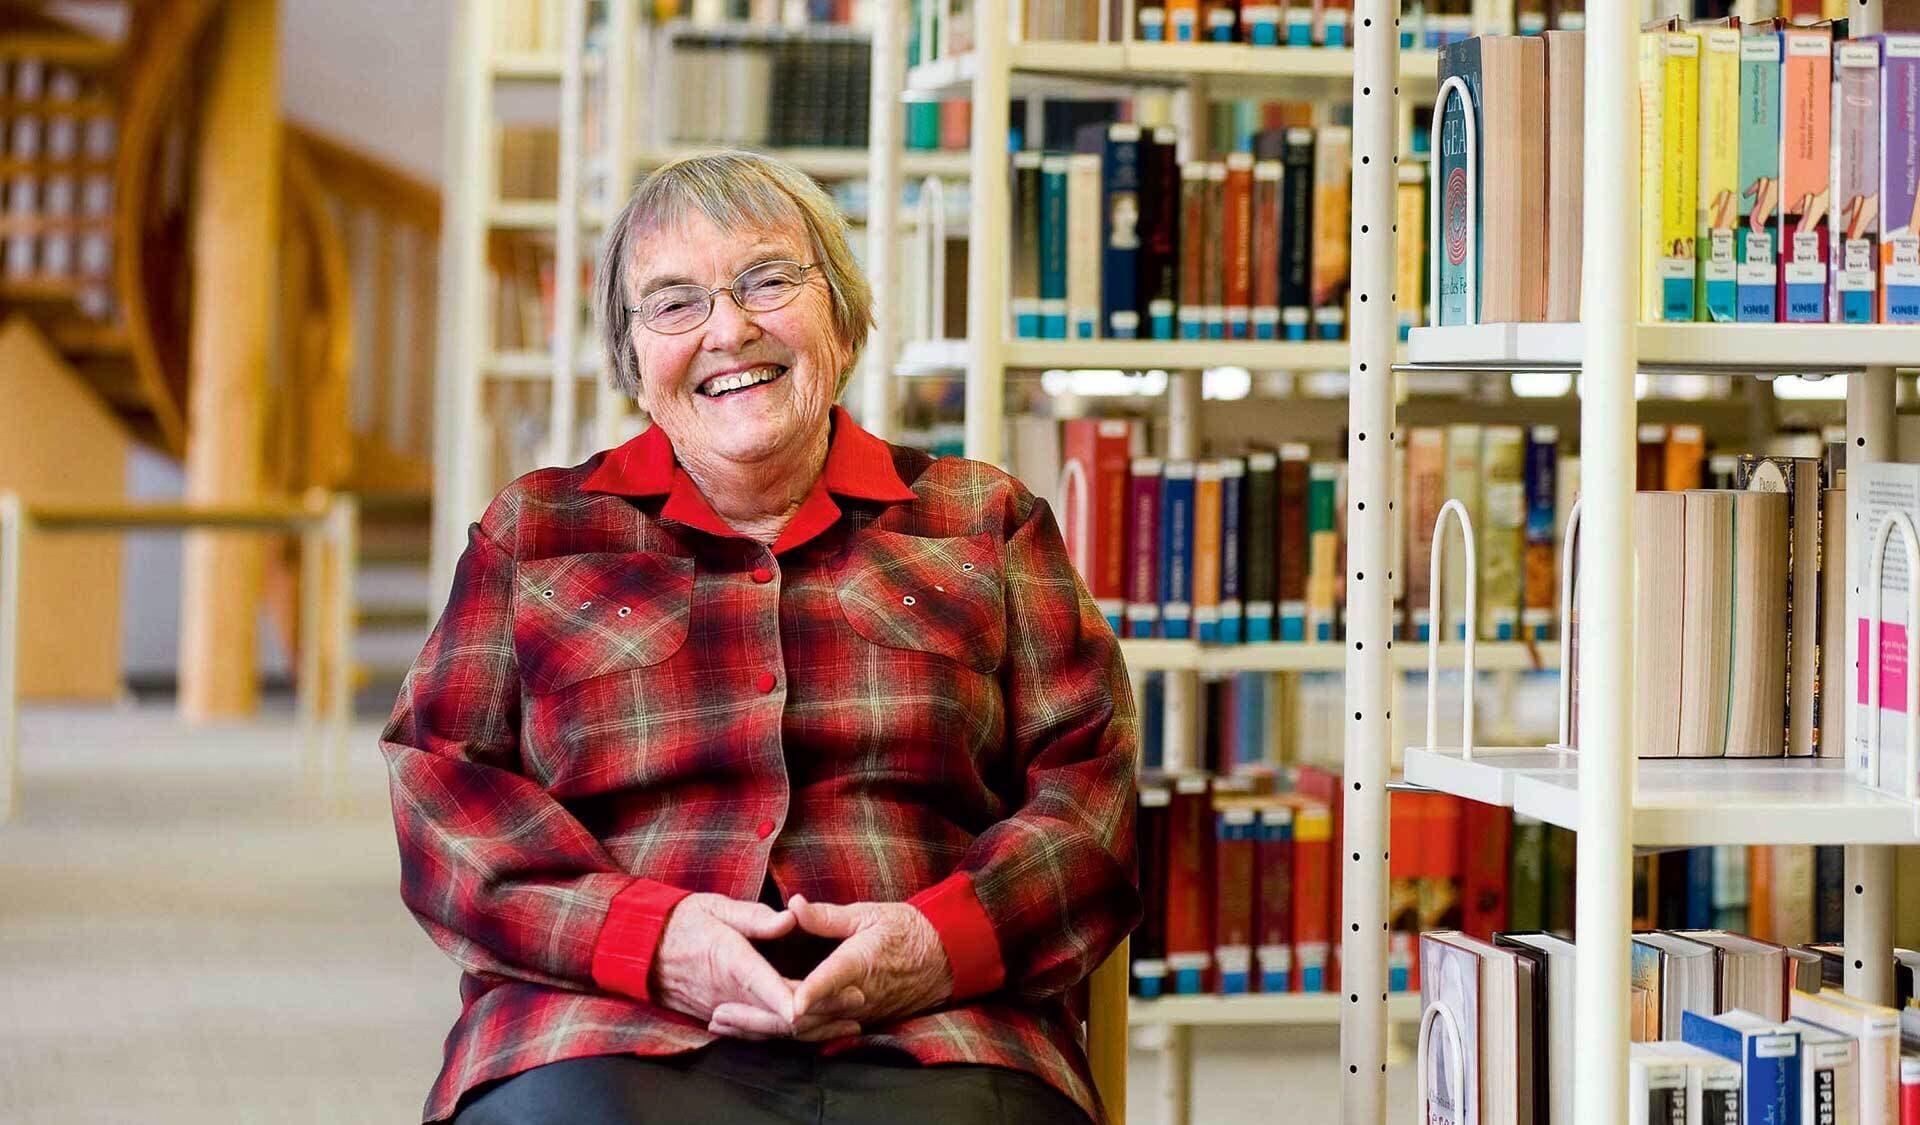 Gudrun Pausewang auf einem Stuhl sitzend - umgeben von Büchern